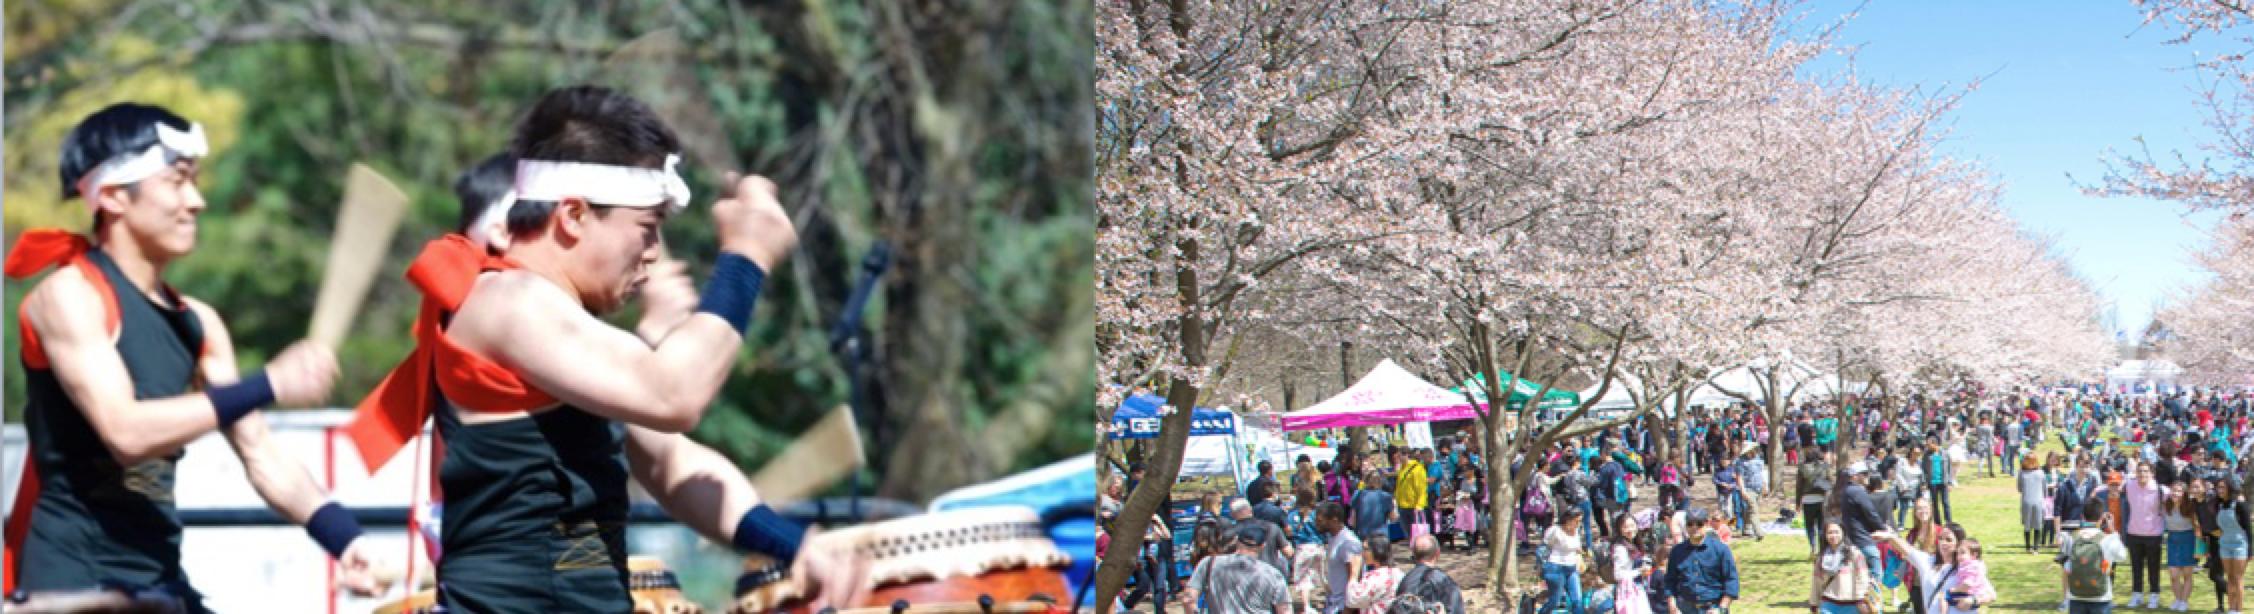 Sakura Sunday in Philadelphia